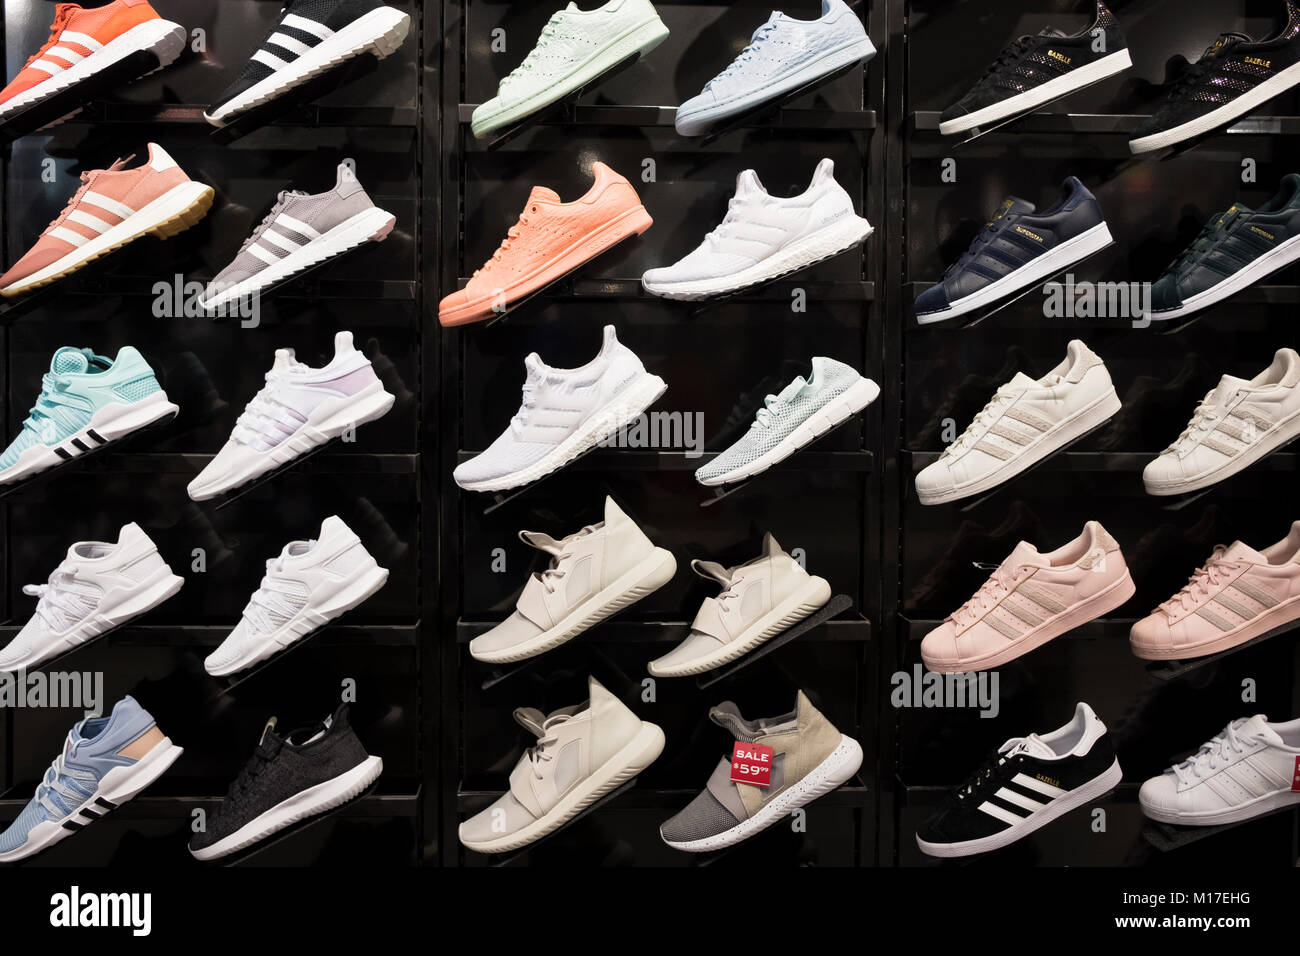 Affichage D'adidas D'athlétisme Un Chaussures Magasin À xrBhtQdCos